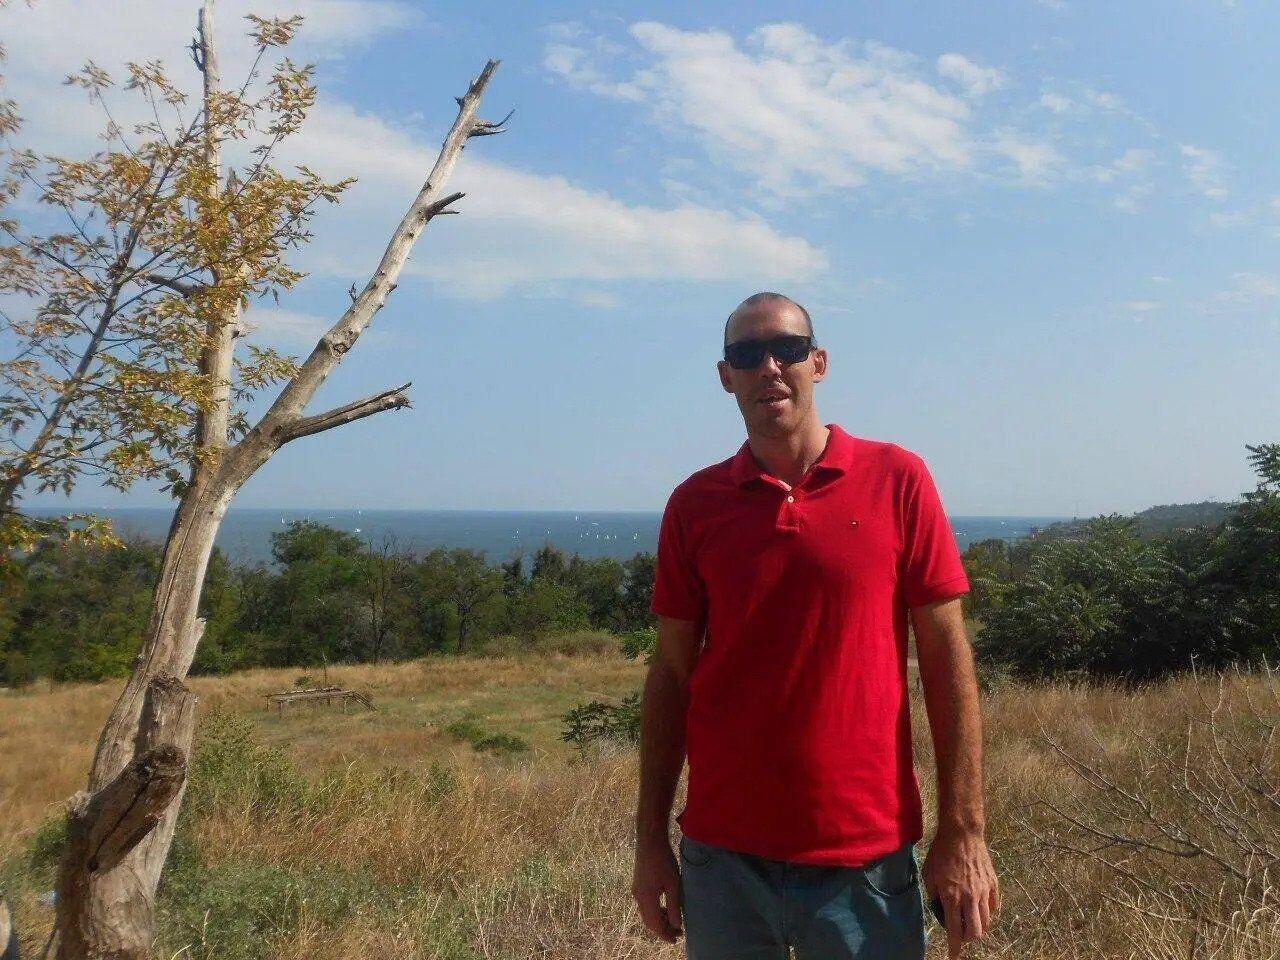 Виновник смертельного ДТП на Столичном шоссе в Киеве Антон Желепа